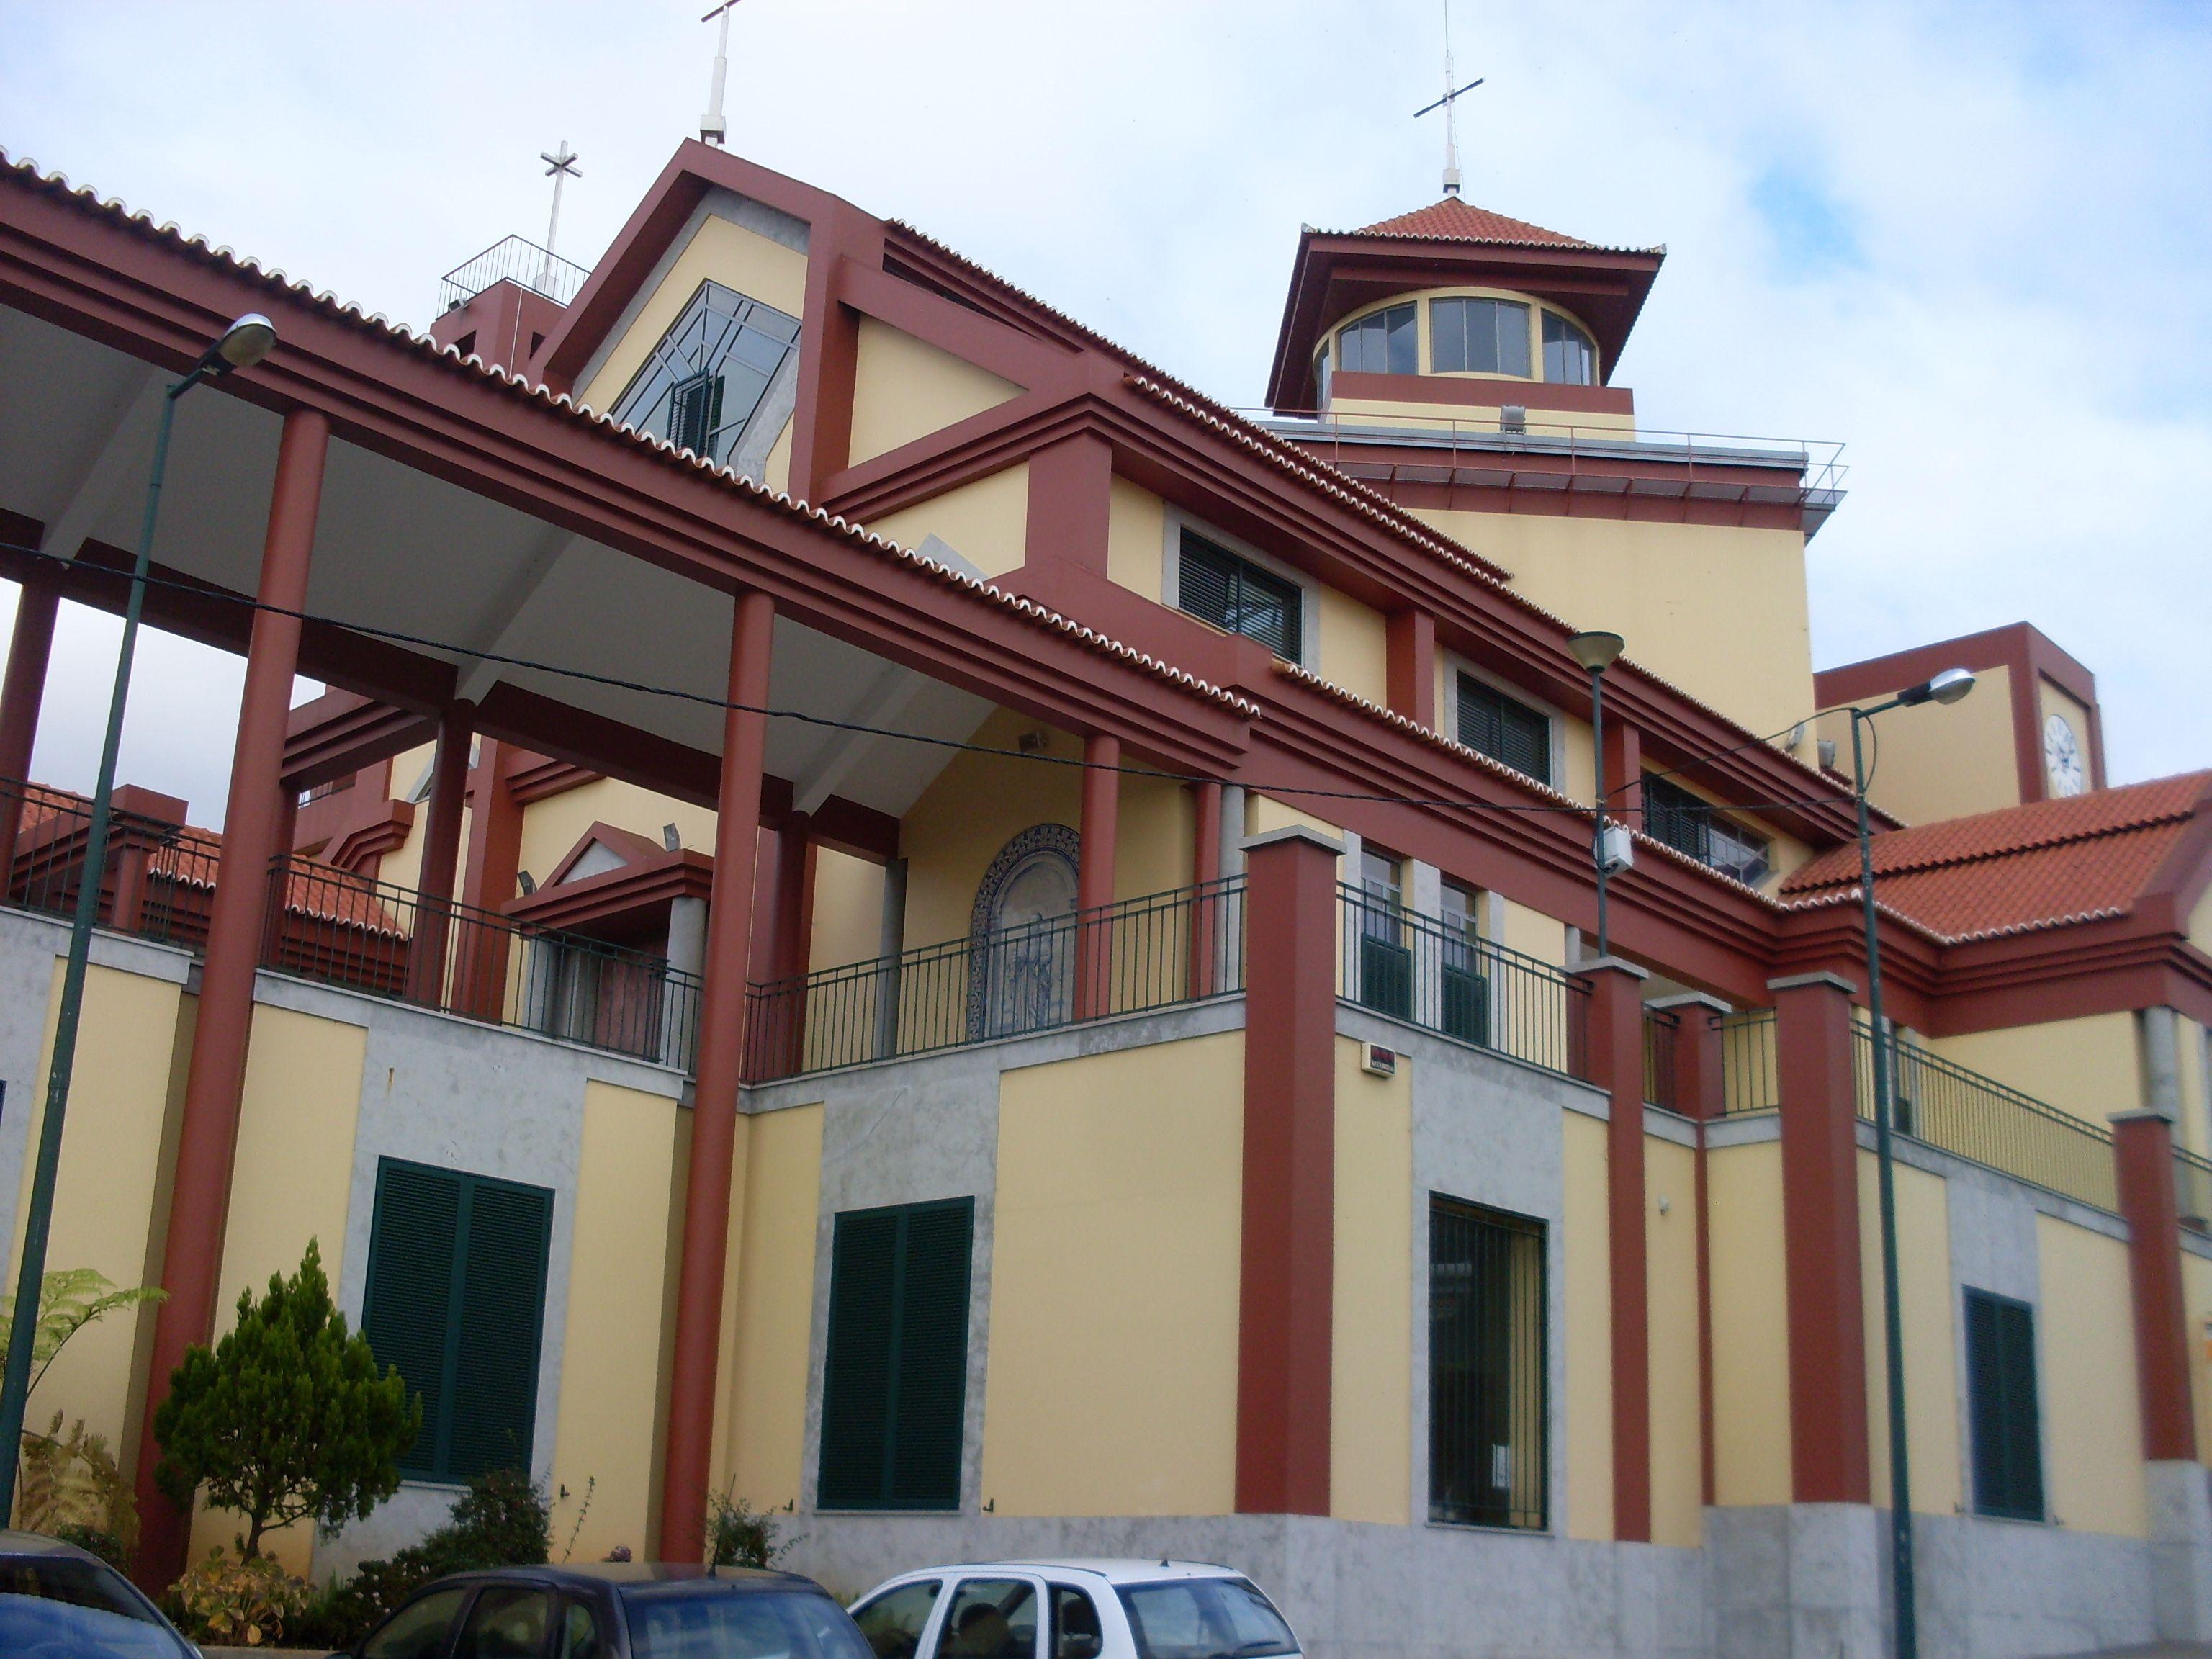 Igreja dos alamos funchal imagens) Igreja